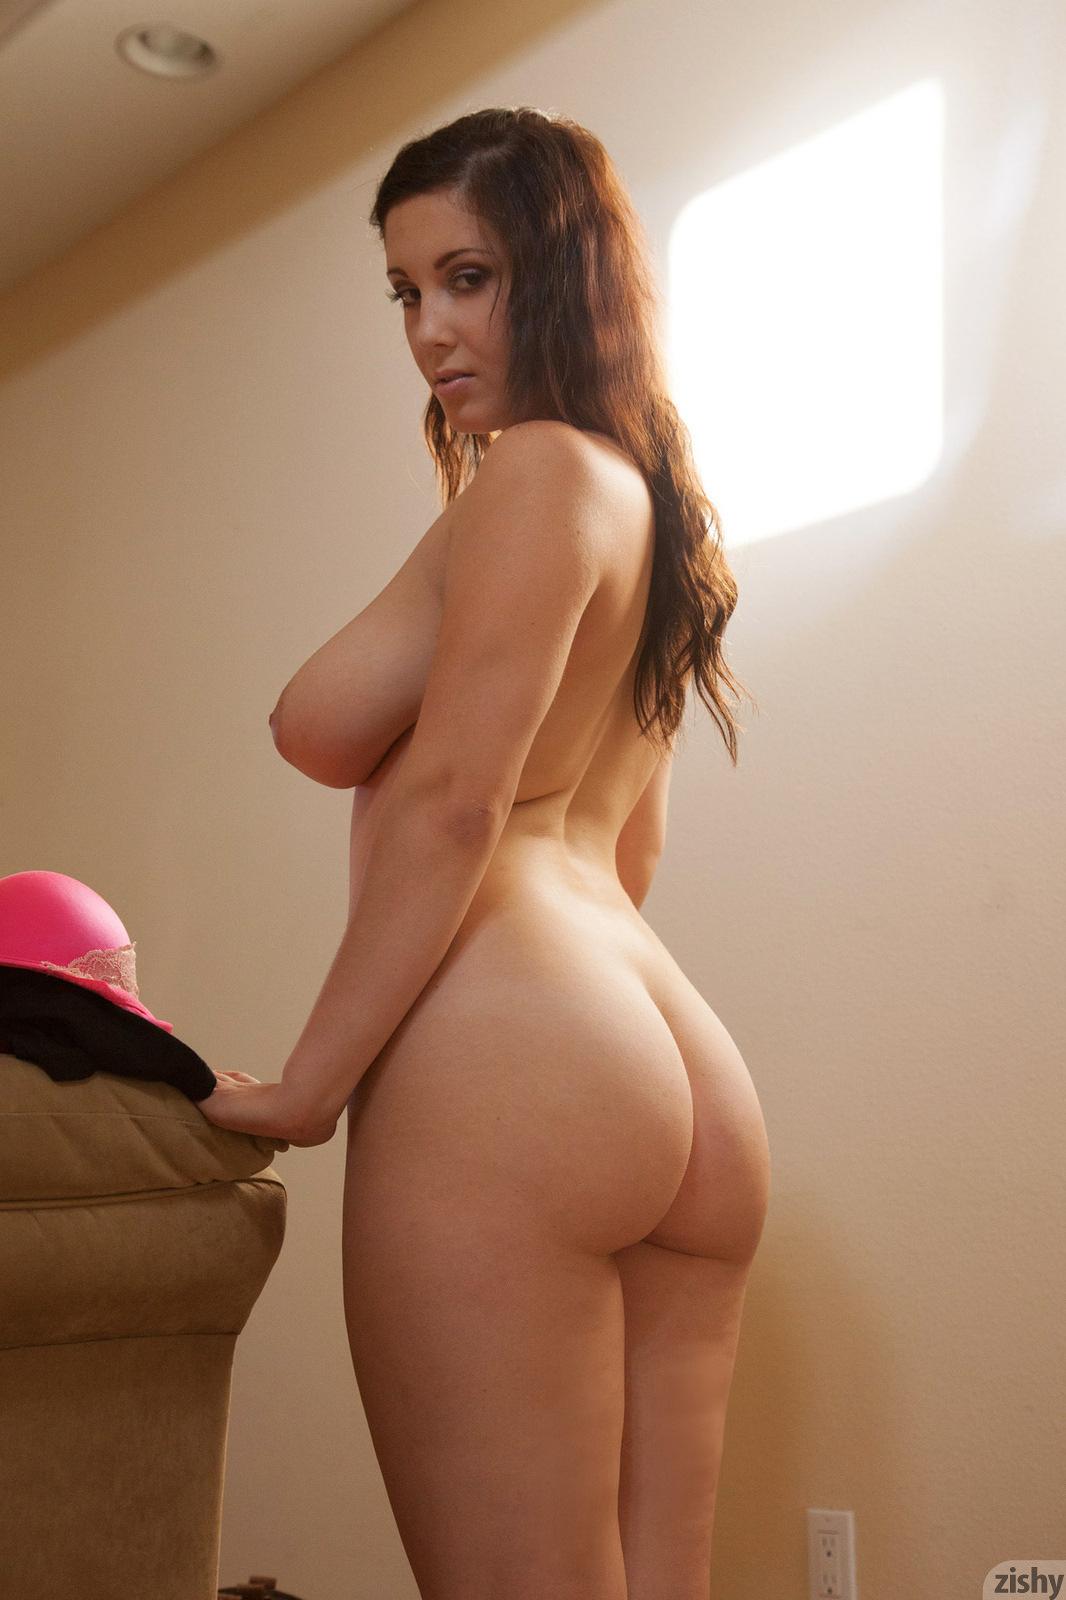 Горячие пышки с большими задницами и титьками секс фото и порно фото